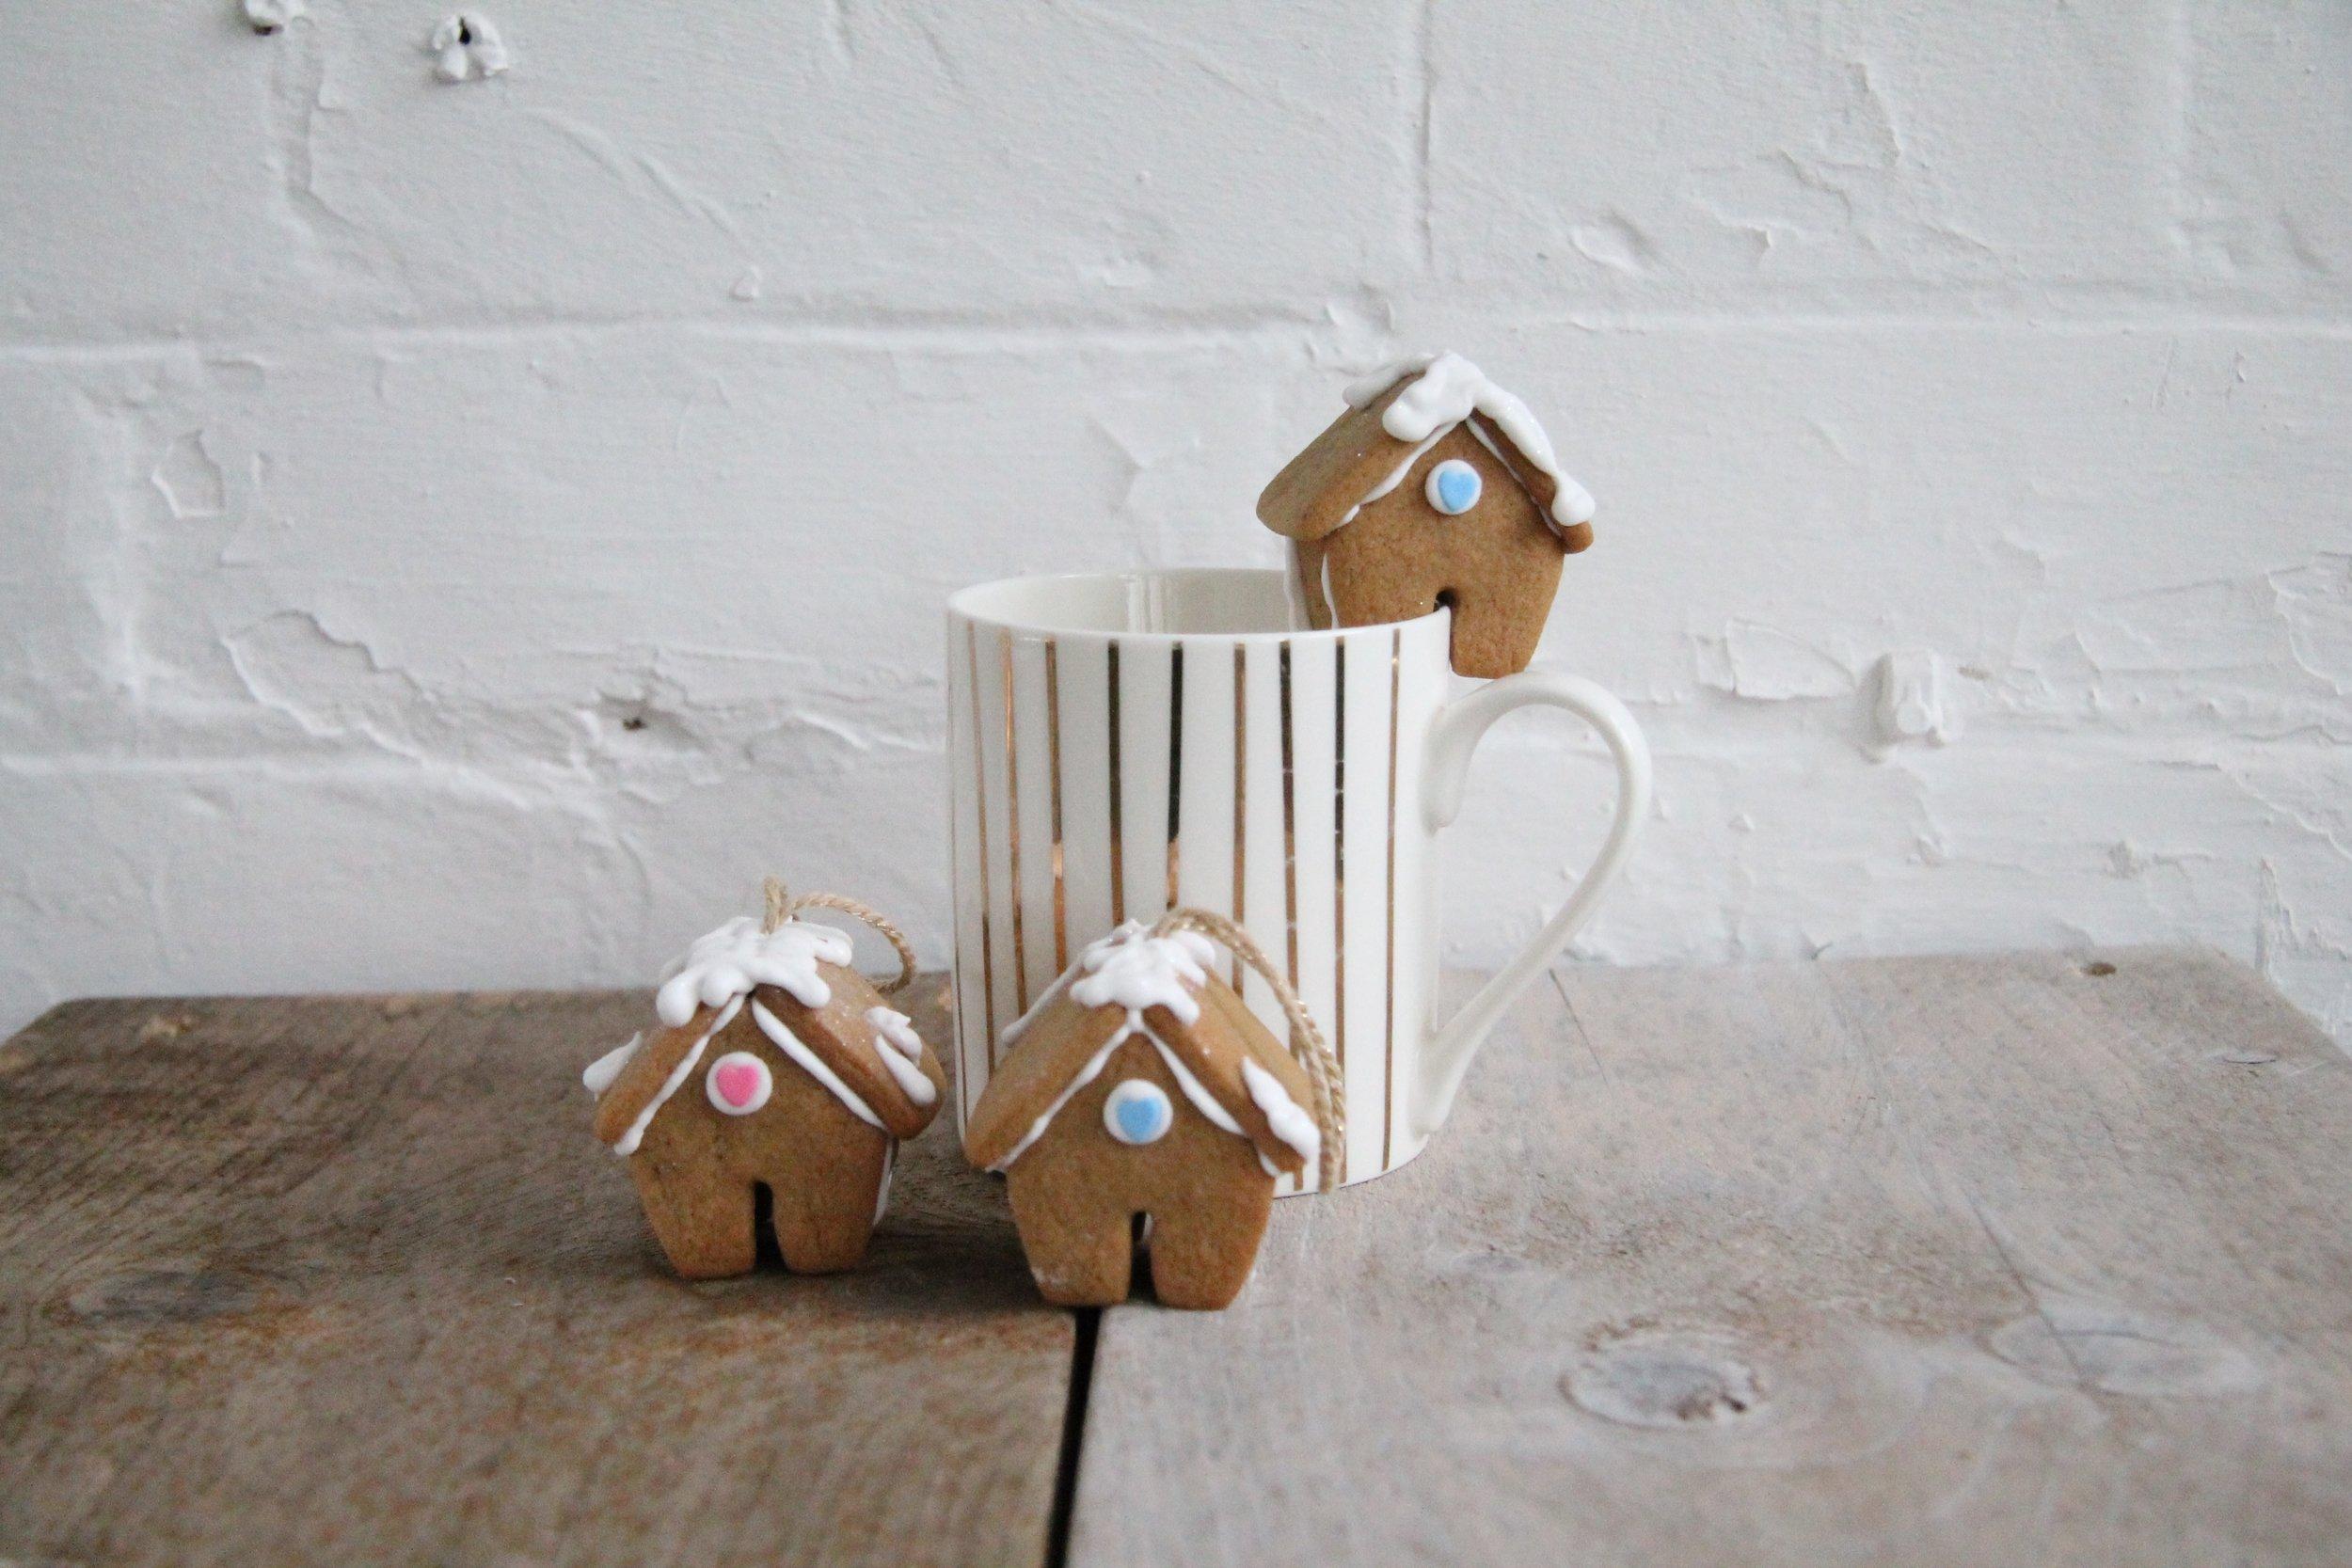 Ginger bread house mug hangers